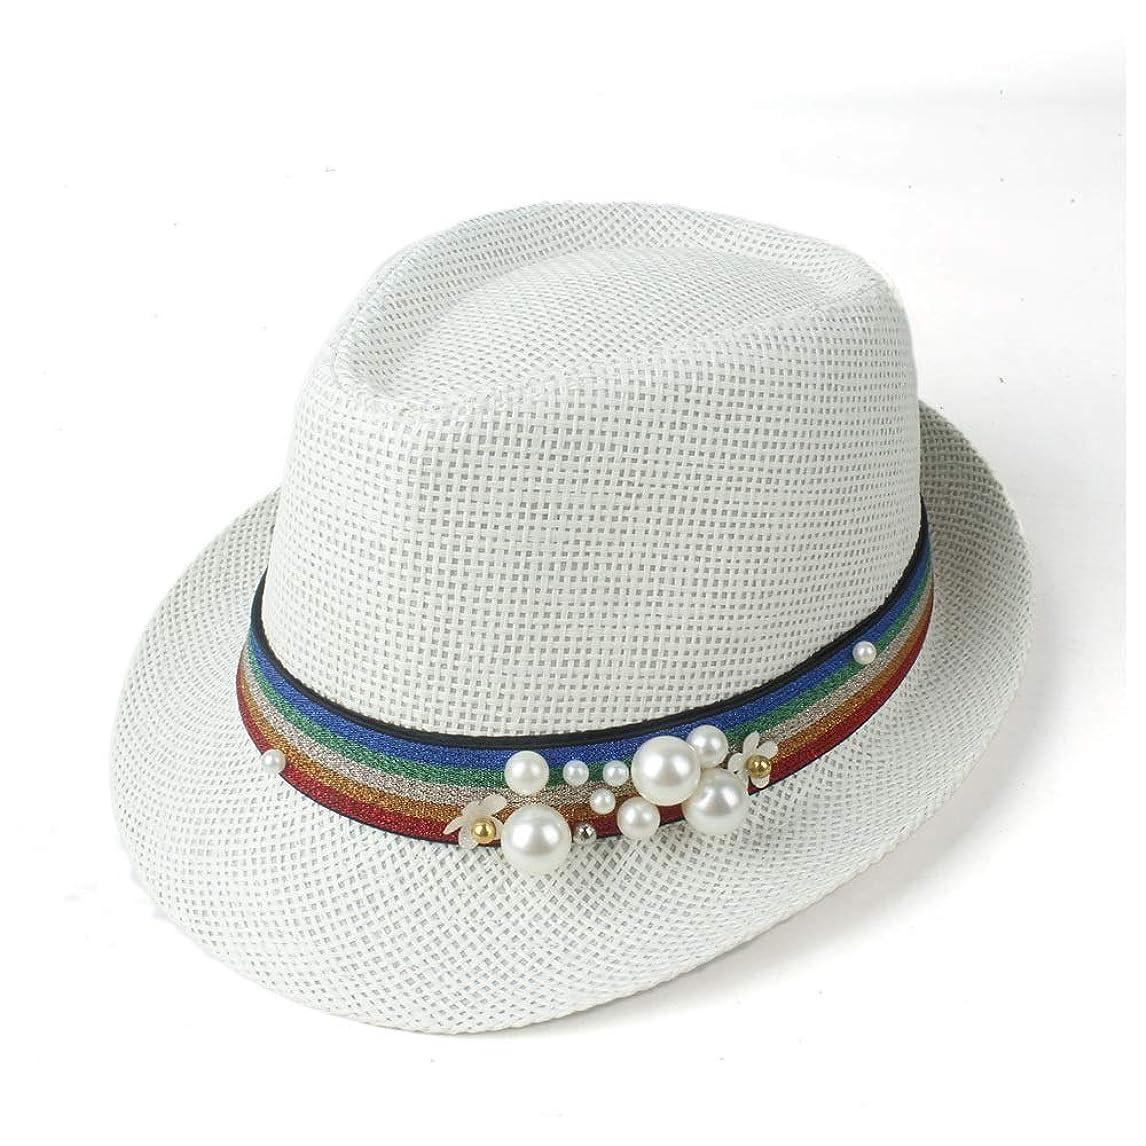 最小故国お気に入りRONGLINGXING 2019 ファッション 夏の女性のわら浜の日曜日の帽子の優雅な女性旅行Fedoraの帽子魅惑的な人 (色 : クリーム, サイズ : 57センチメートル)